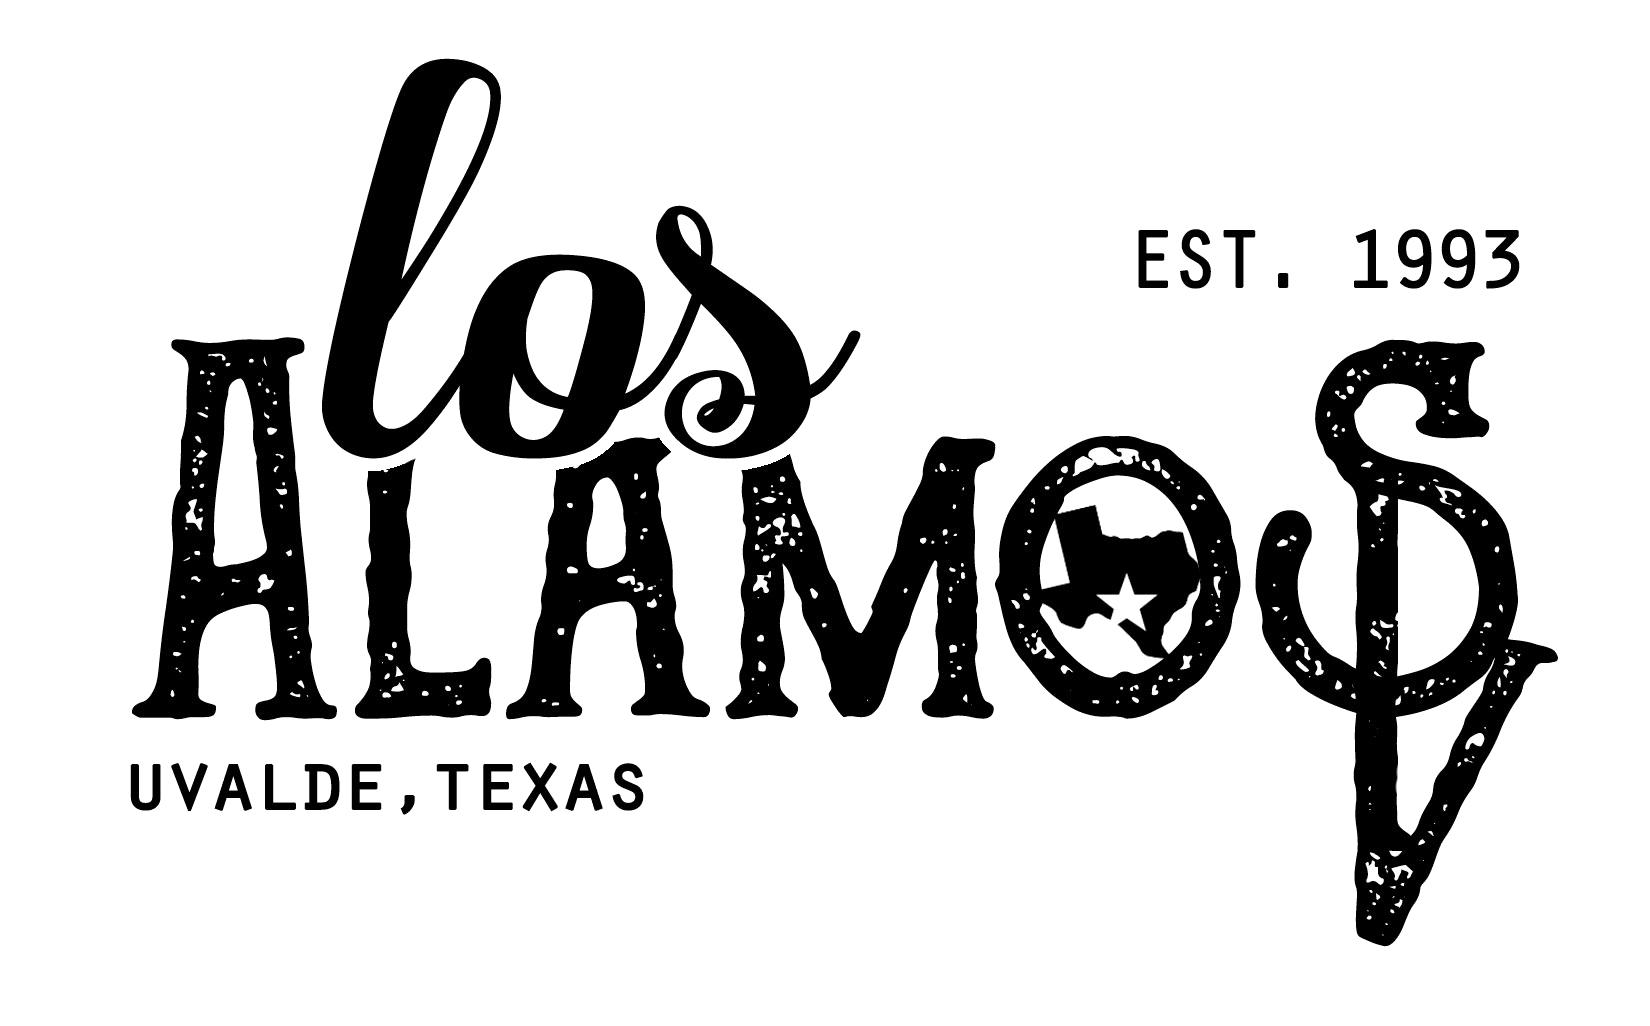 Los Alamos - Uvalde TX